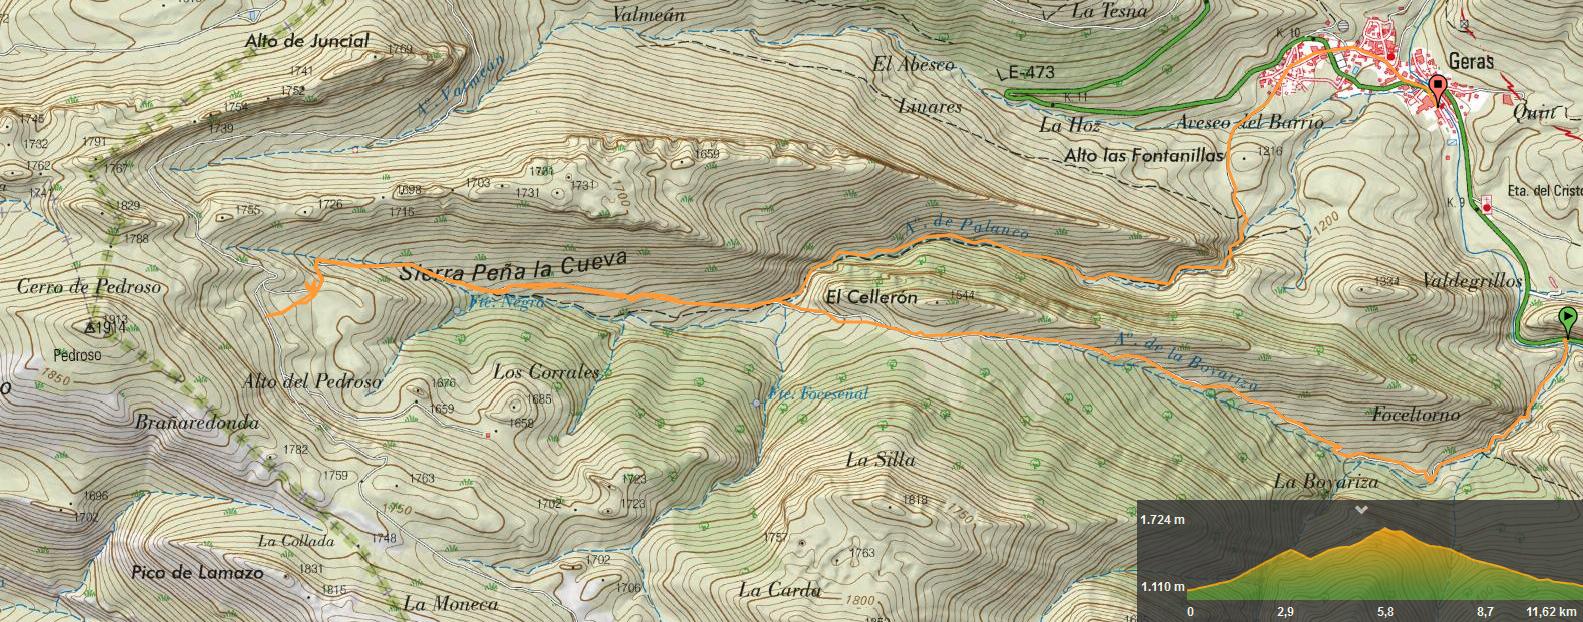 24 noviembre, 2019: Pico Pedroso (Wikiloc / IGN)